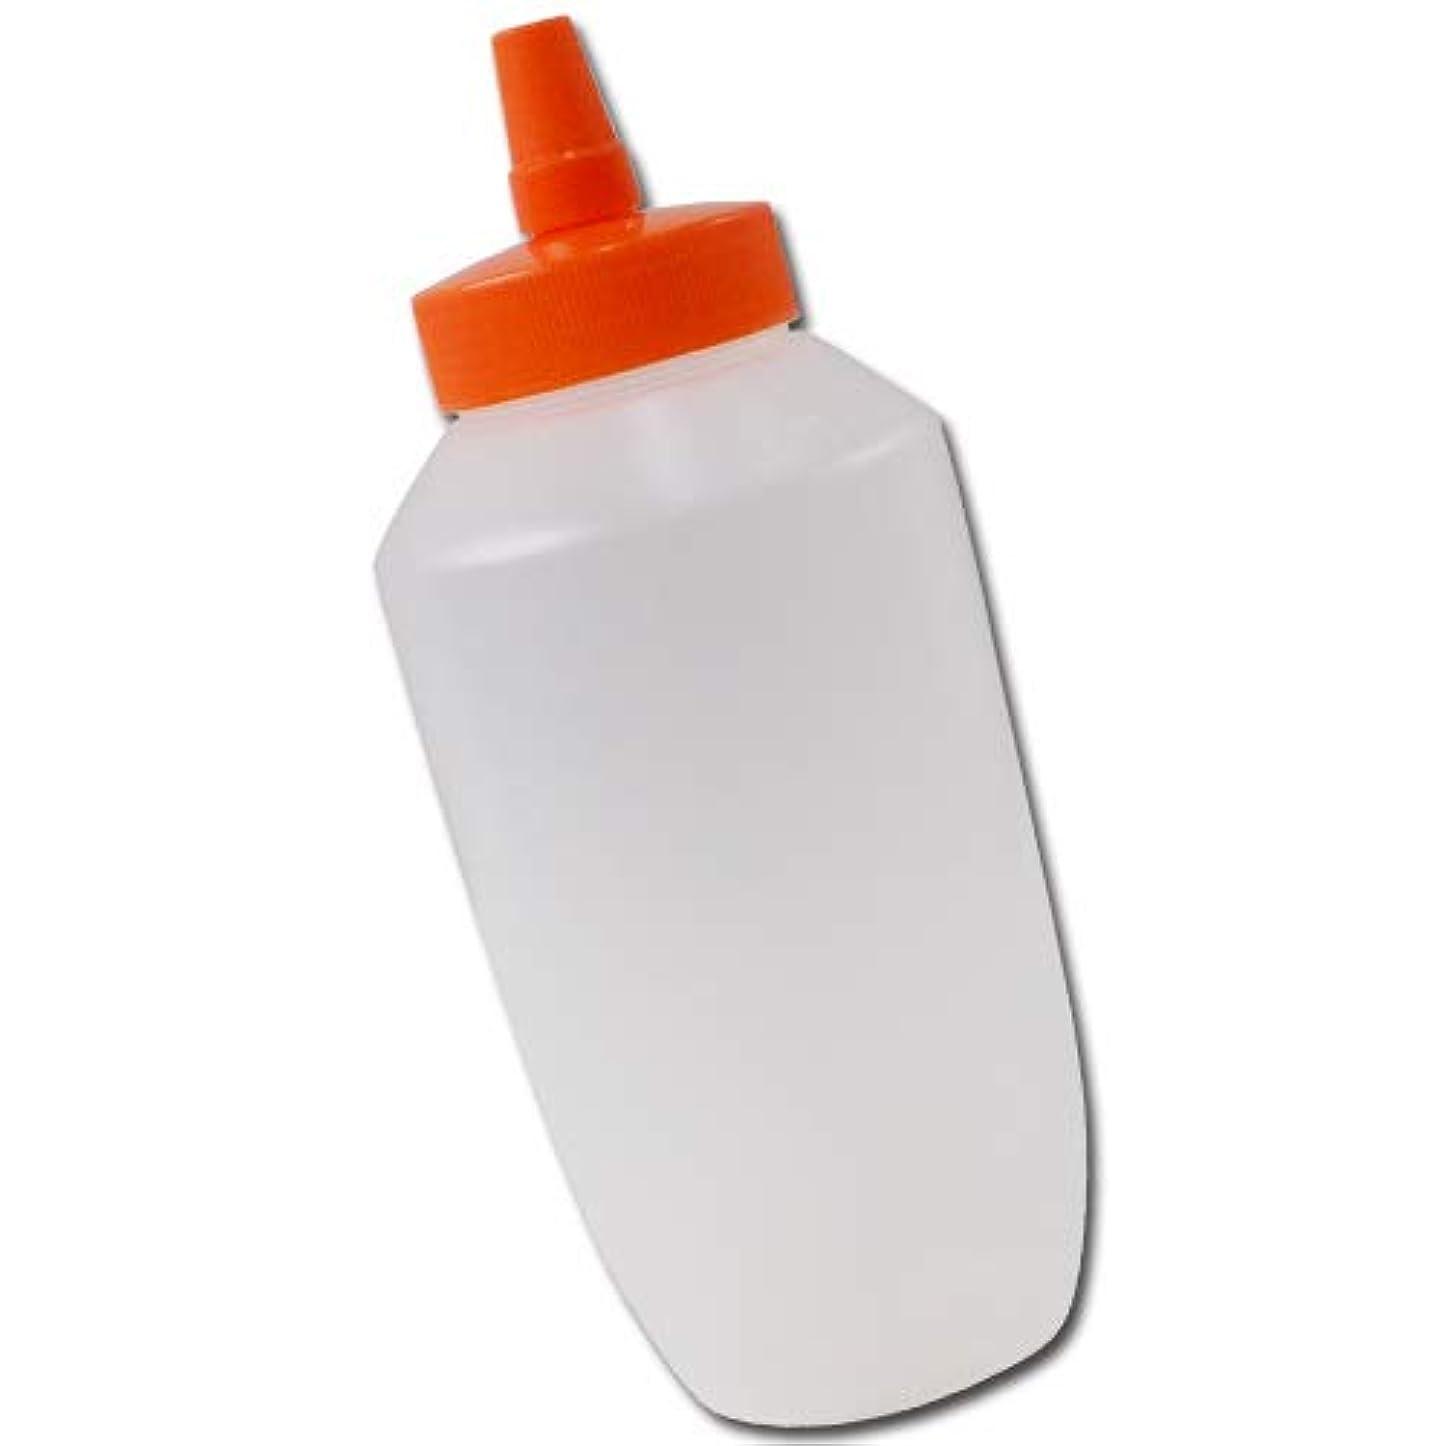 万一に備えて群がる紳士はちみつ容器740mll(オレンジキャップ)│業務用ローションや調味料の小分けに詰め替え用ハチミツ容器(蜂蜜容器)はちみつボトルビッグな特大サイズ